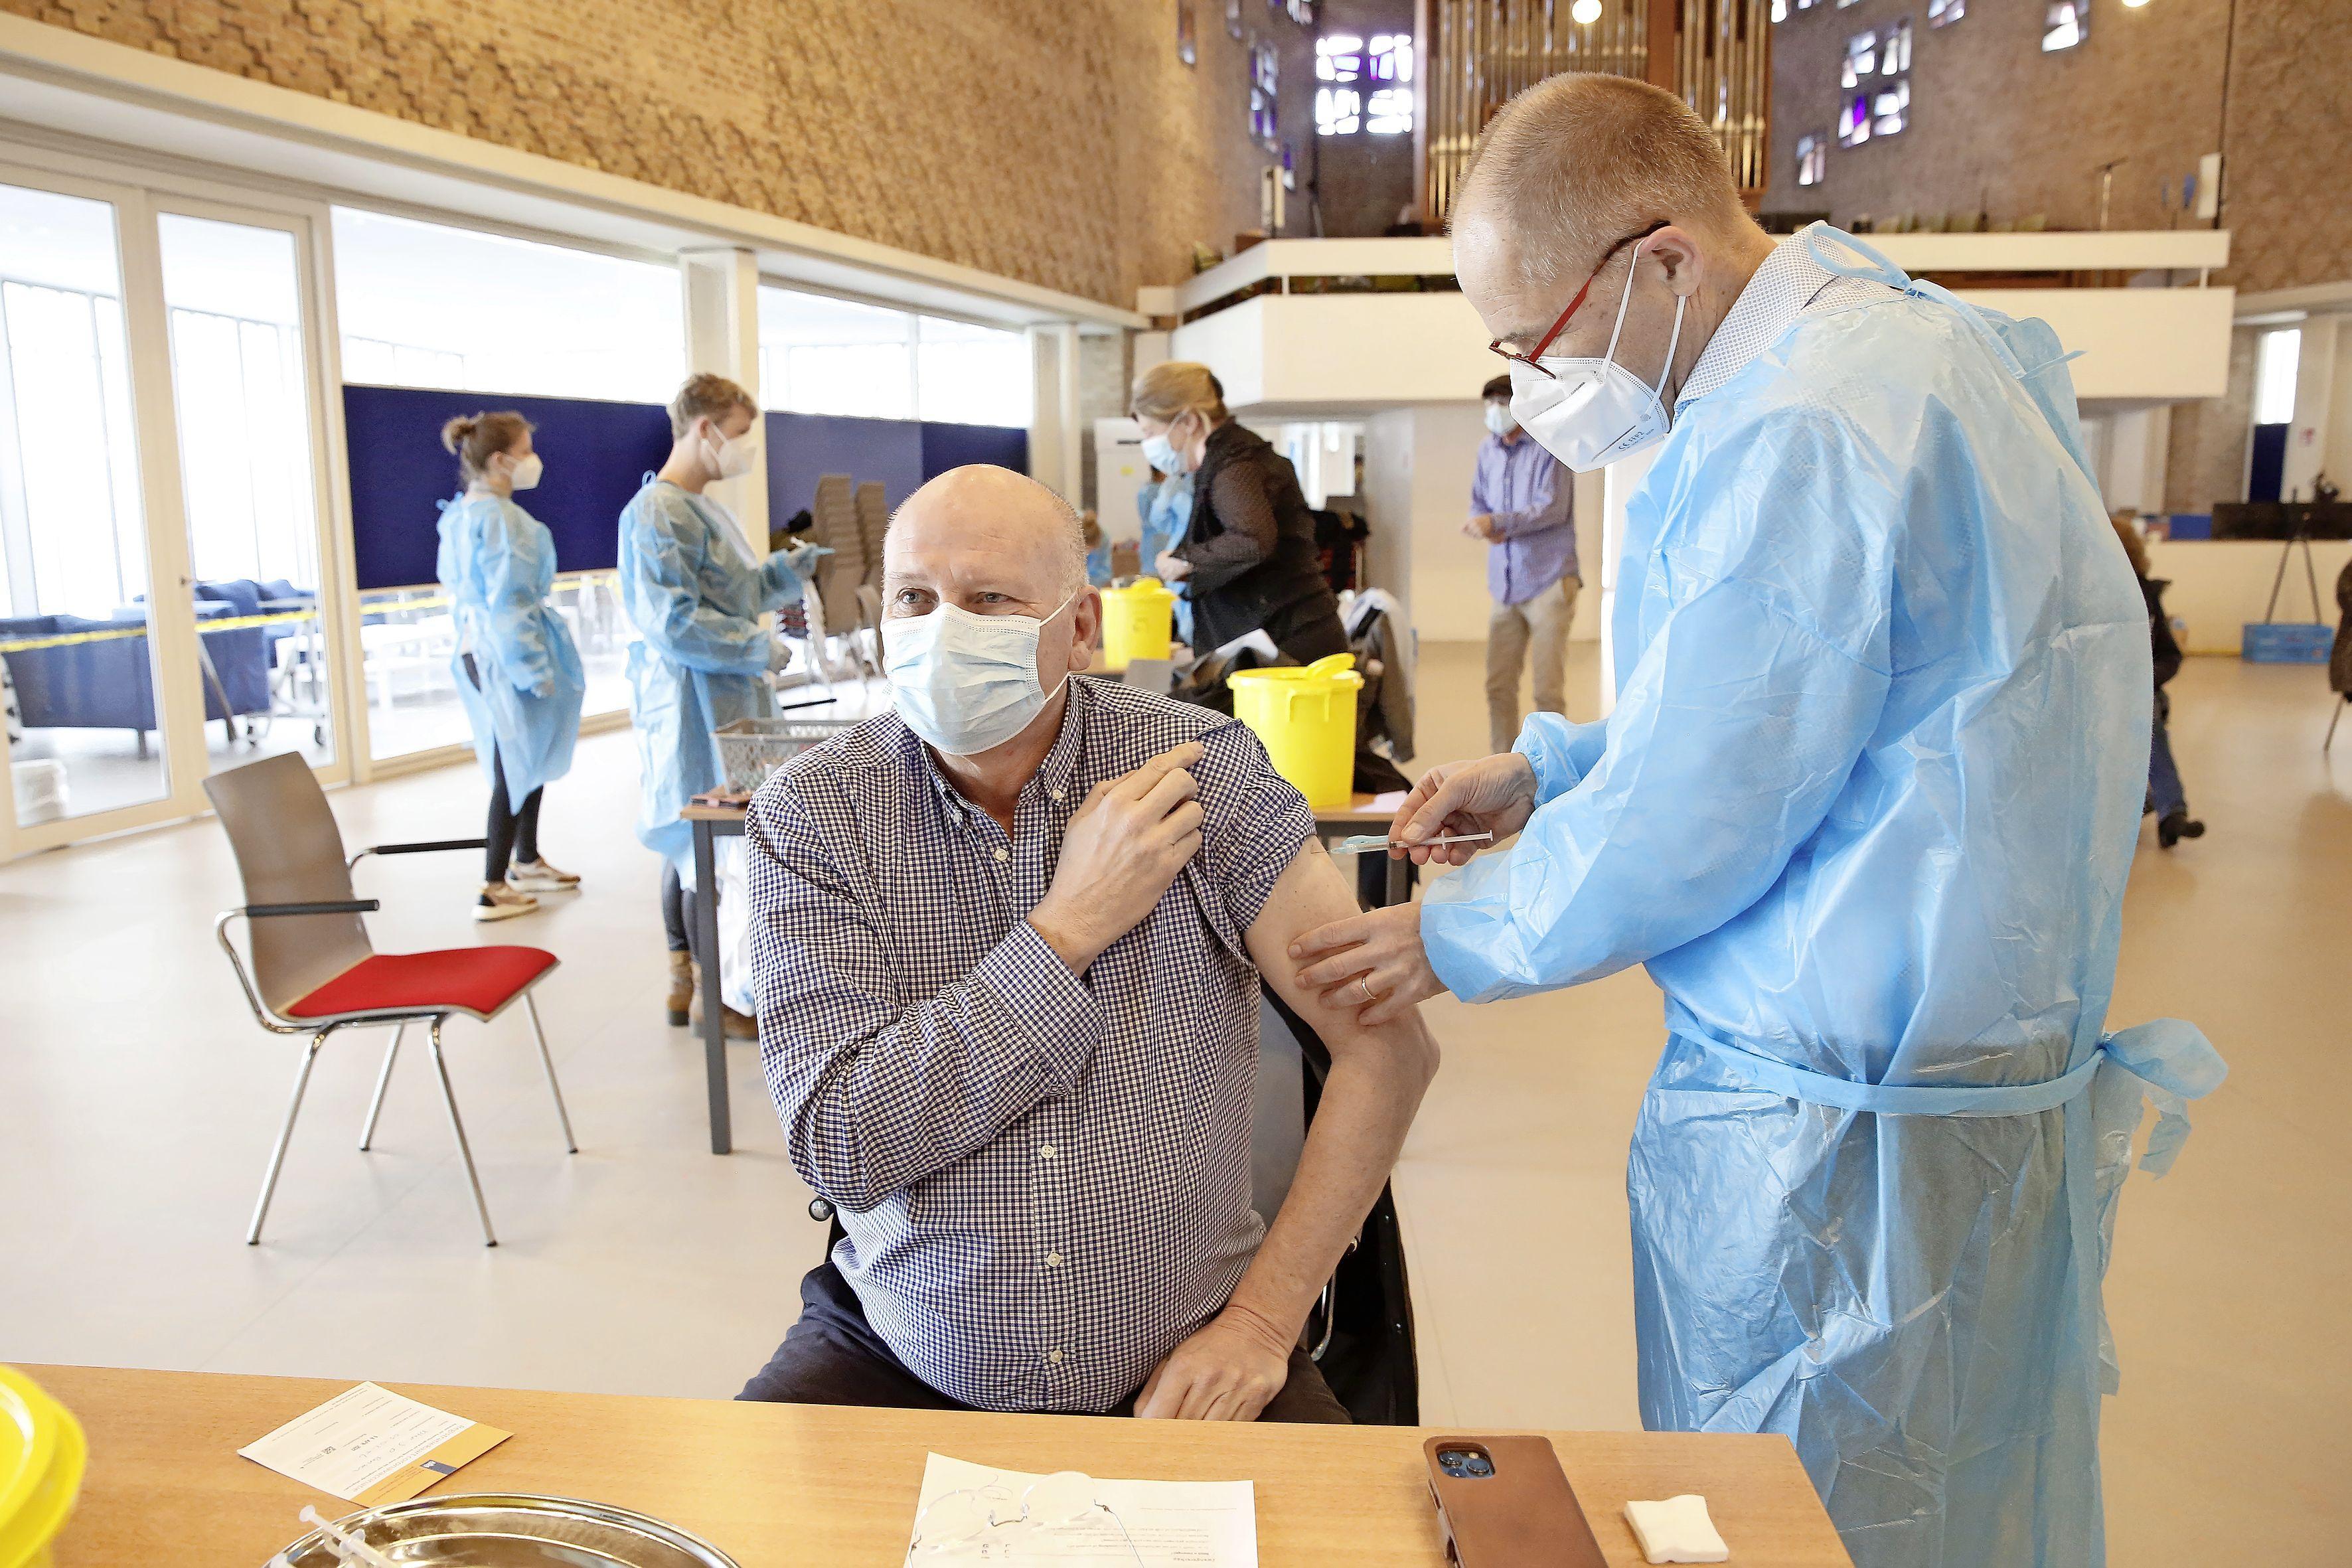 Hilversumse Bethlehemkerk is decor van vaccinatieronde voor 60-65 jaar. Artsen van gezondheidscentrum willen niets liever dan inenten: 'Ons motto is prikken, prikken, prikken!'